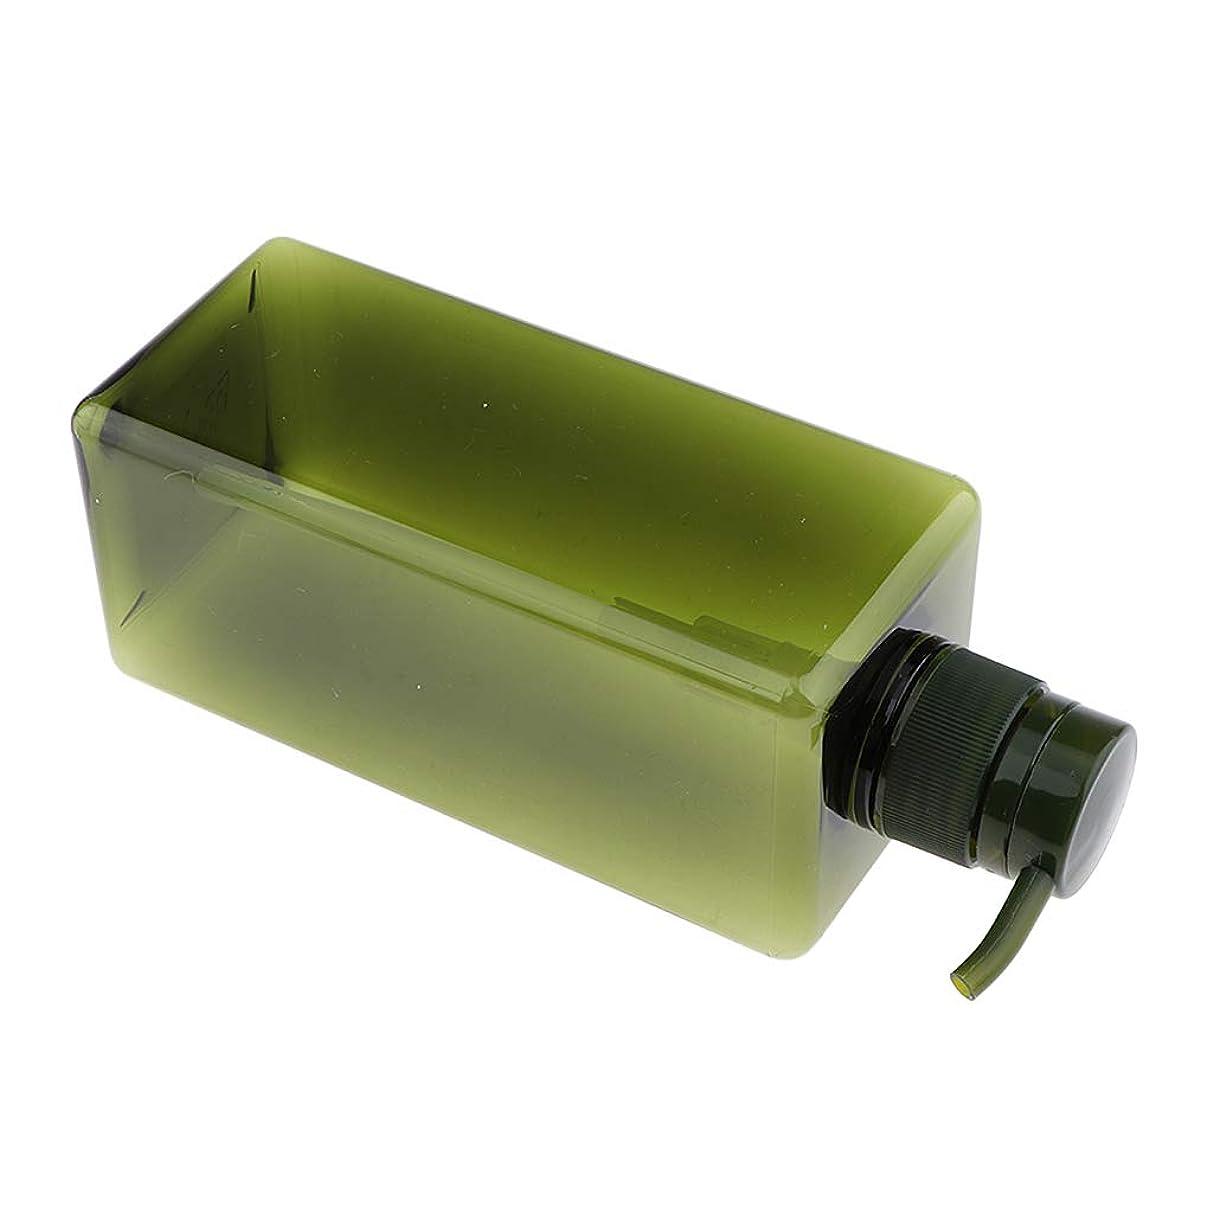 患者富参照F Fityle シャンプーボトル プラスチック ポンプボトル シャンプー詰め替え容器 650ml 4色選べ - グリーン